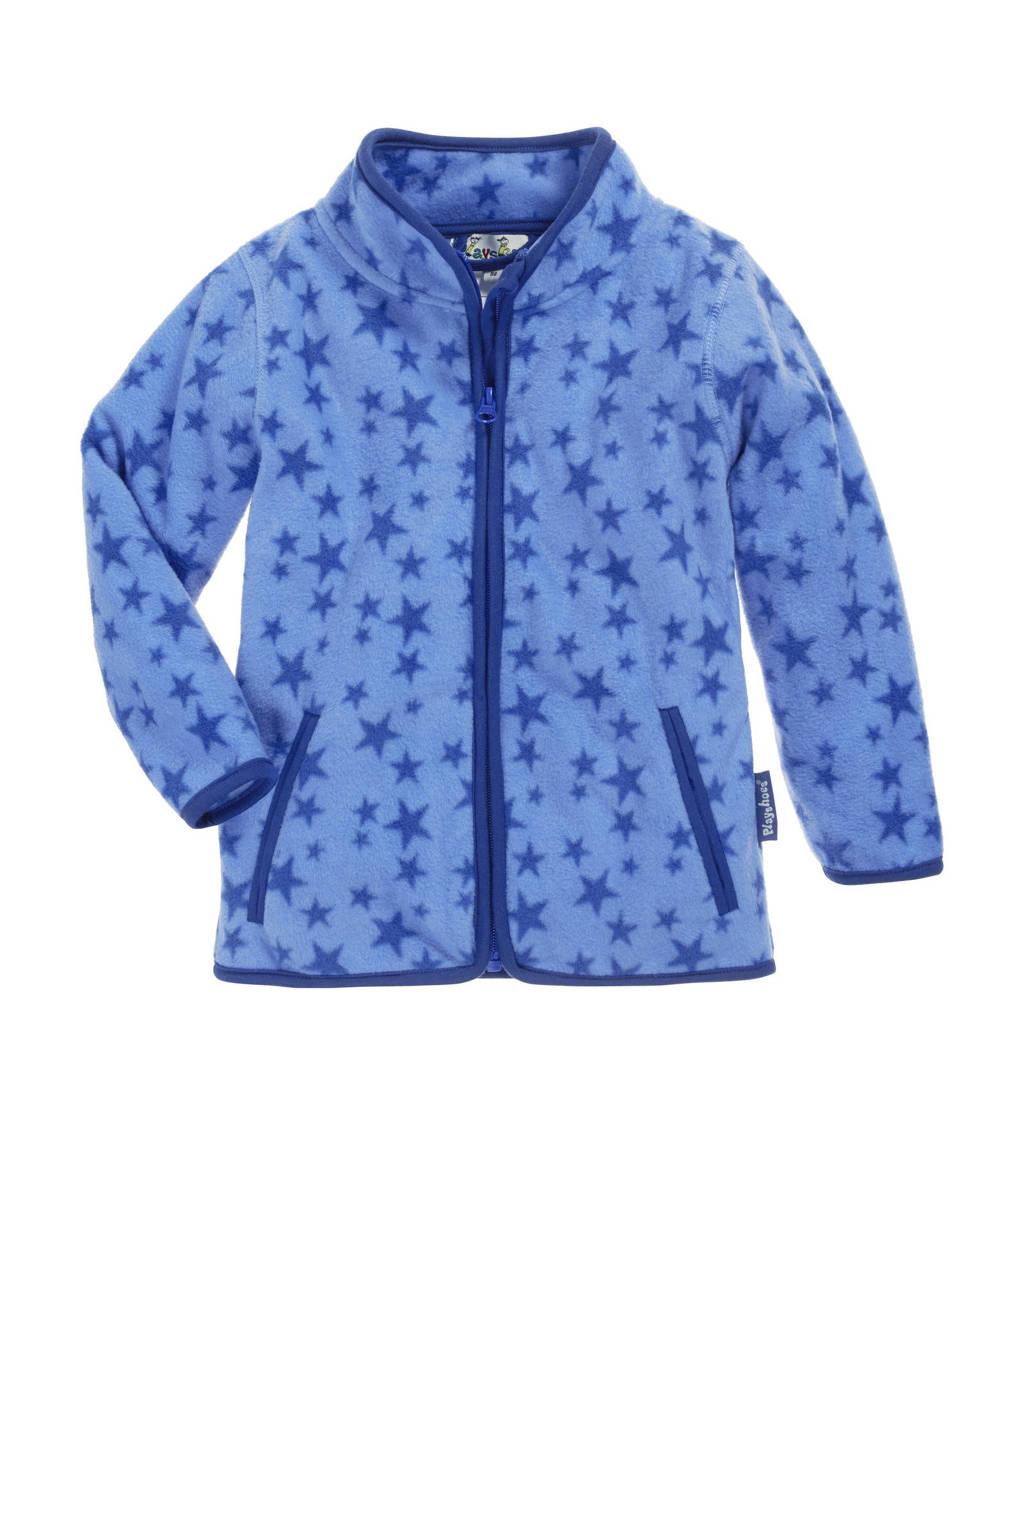 Playshoes fleece vest Stars met sterren lichtblauw/blauw, Lichtblauw/blauw